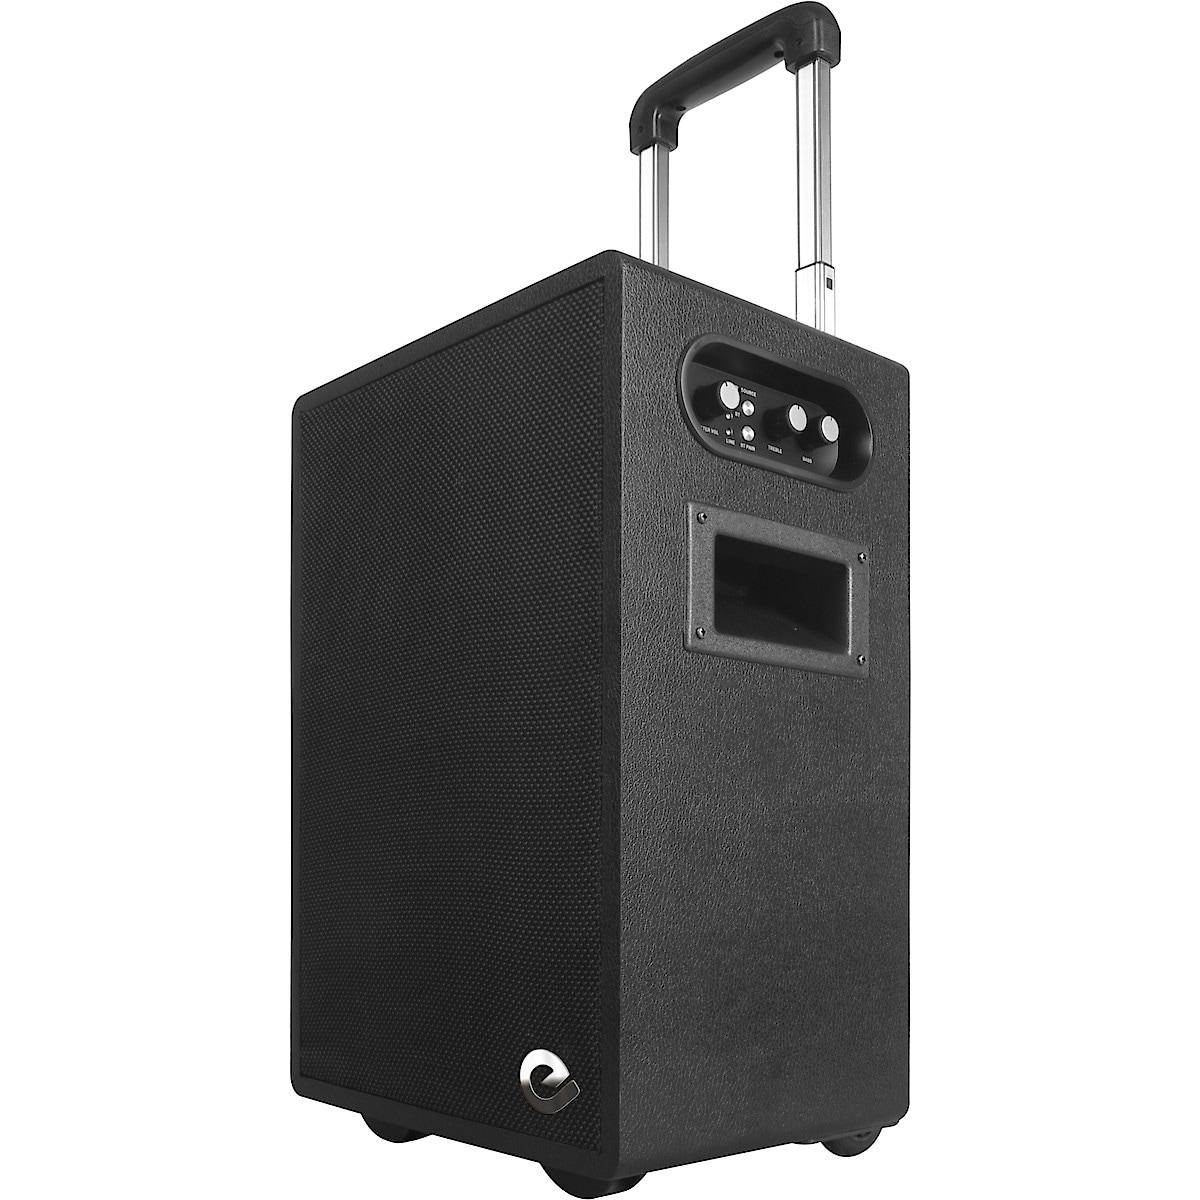 Lautsprecher Exibel BX850